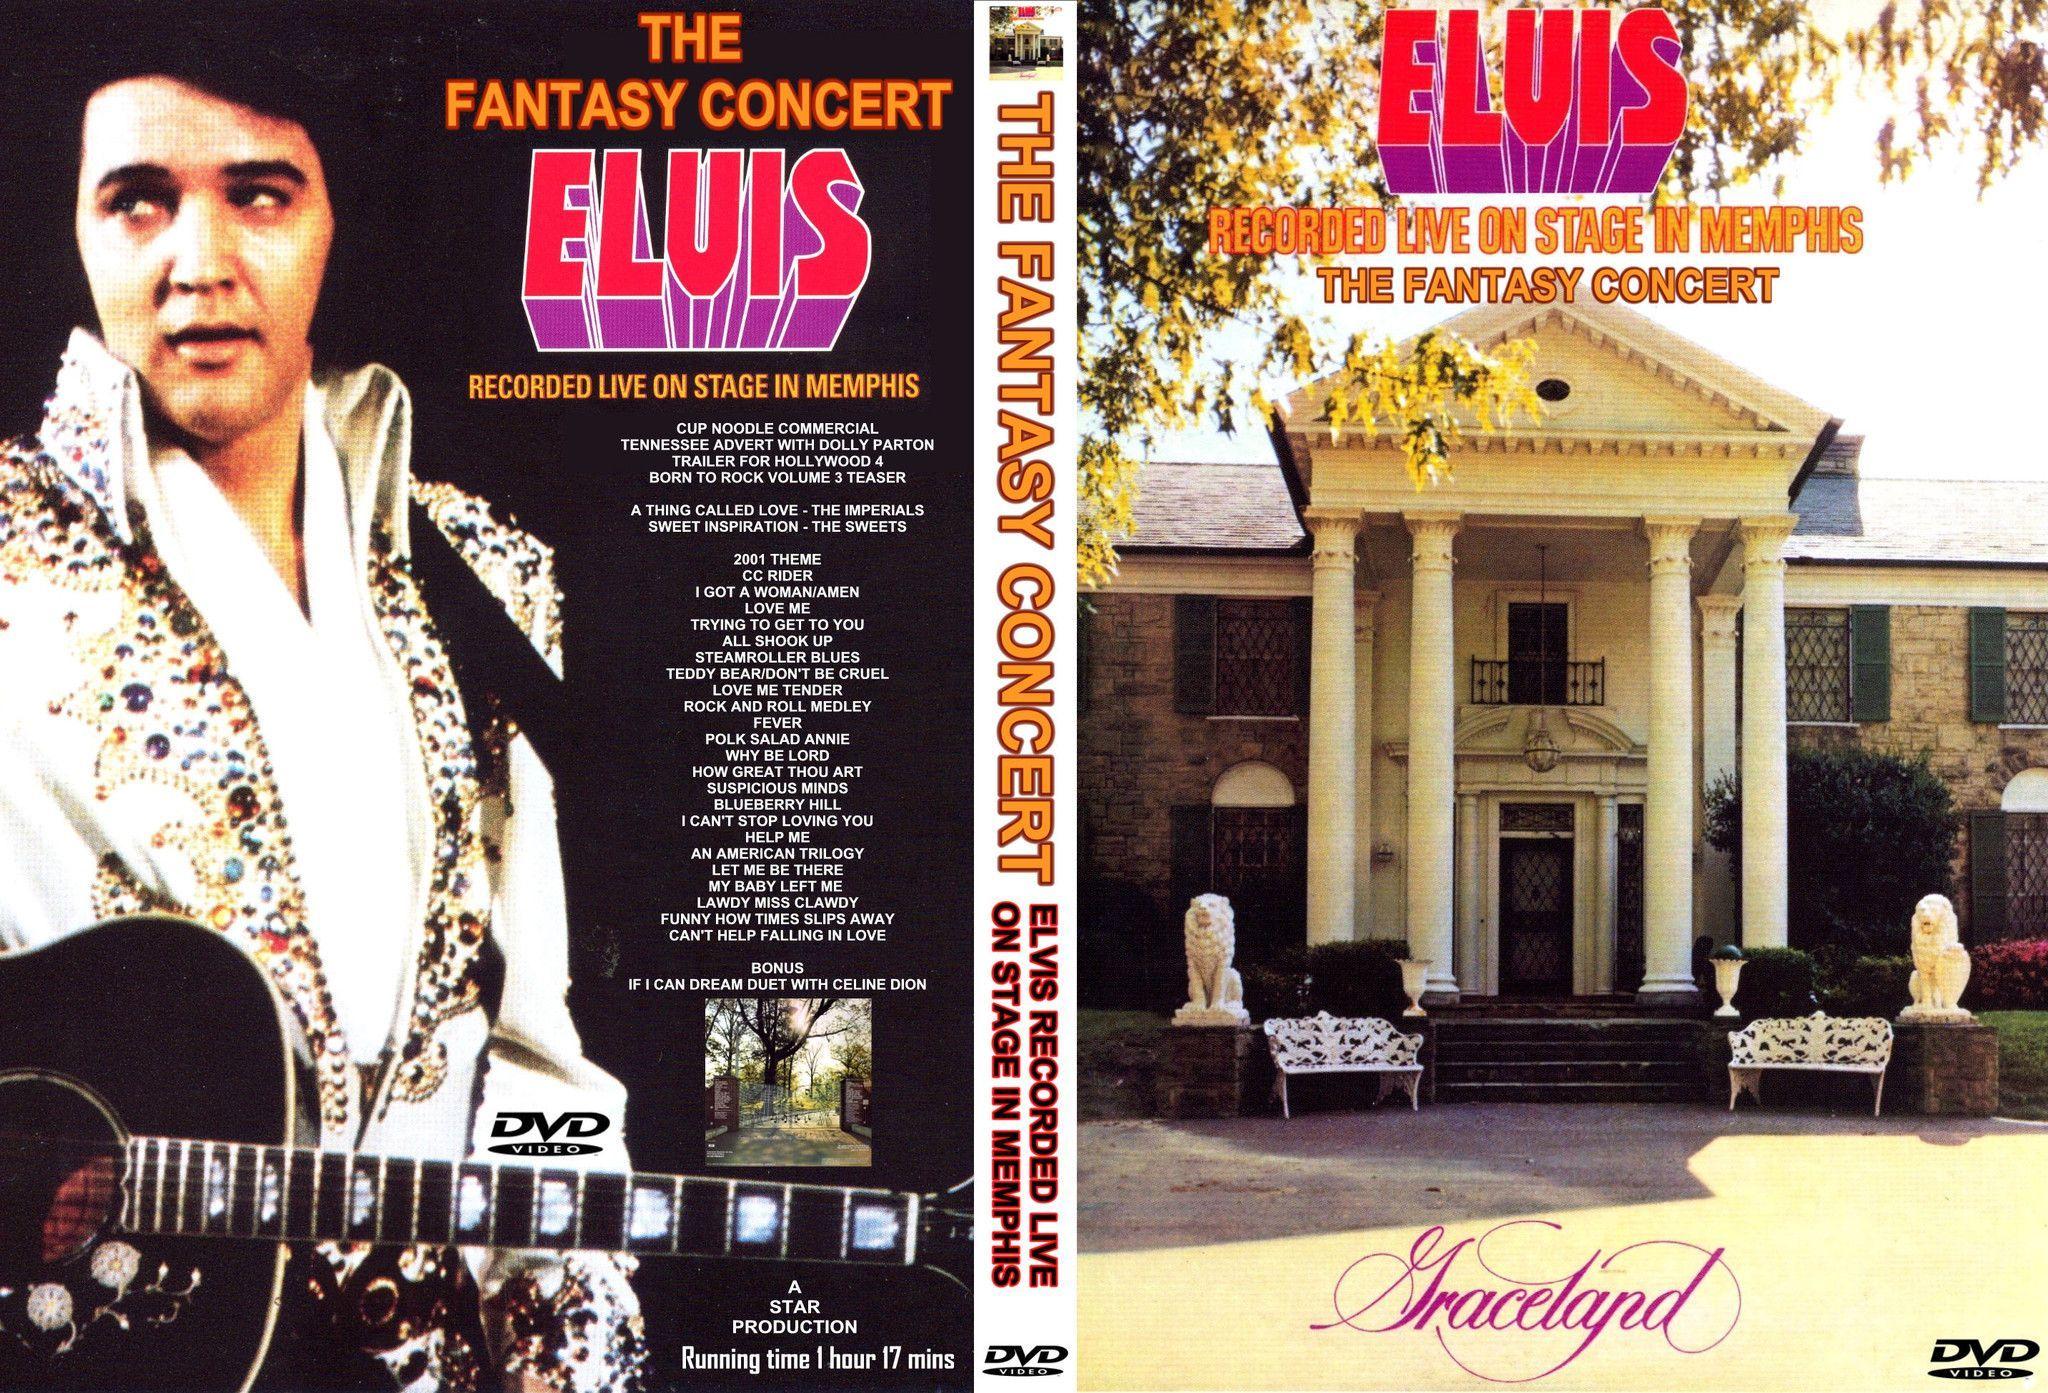 Elvis The Fantasy Concert Dvd With Images Elvis Concert